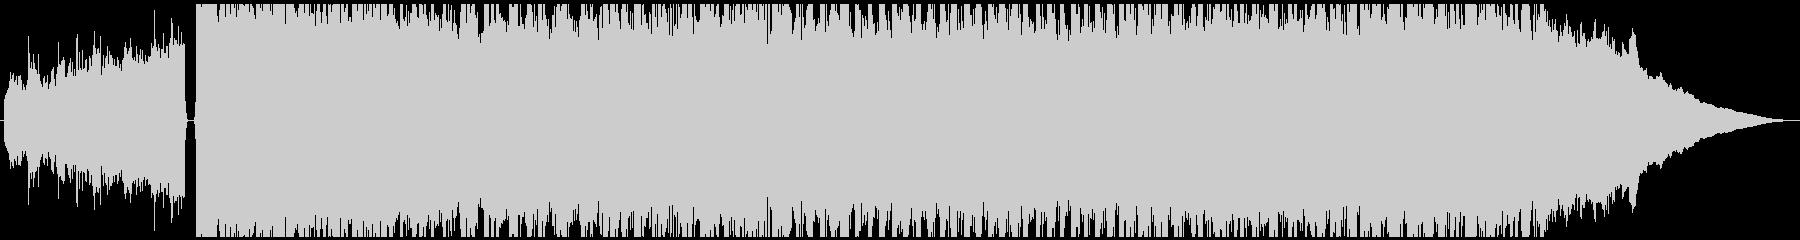 疾走感のあるギターロックサウンドの未再生の波形